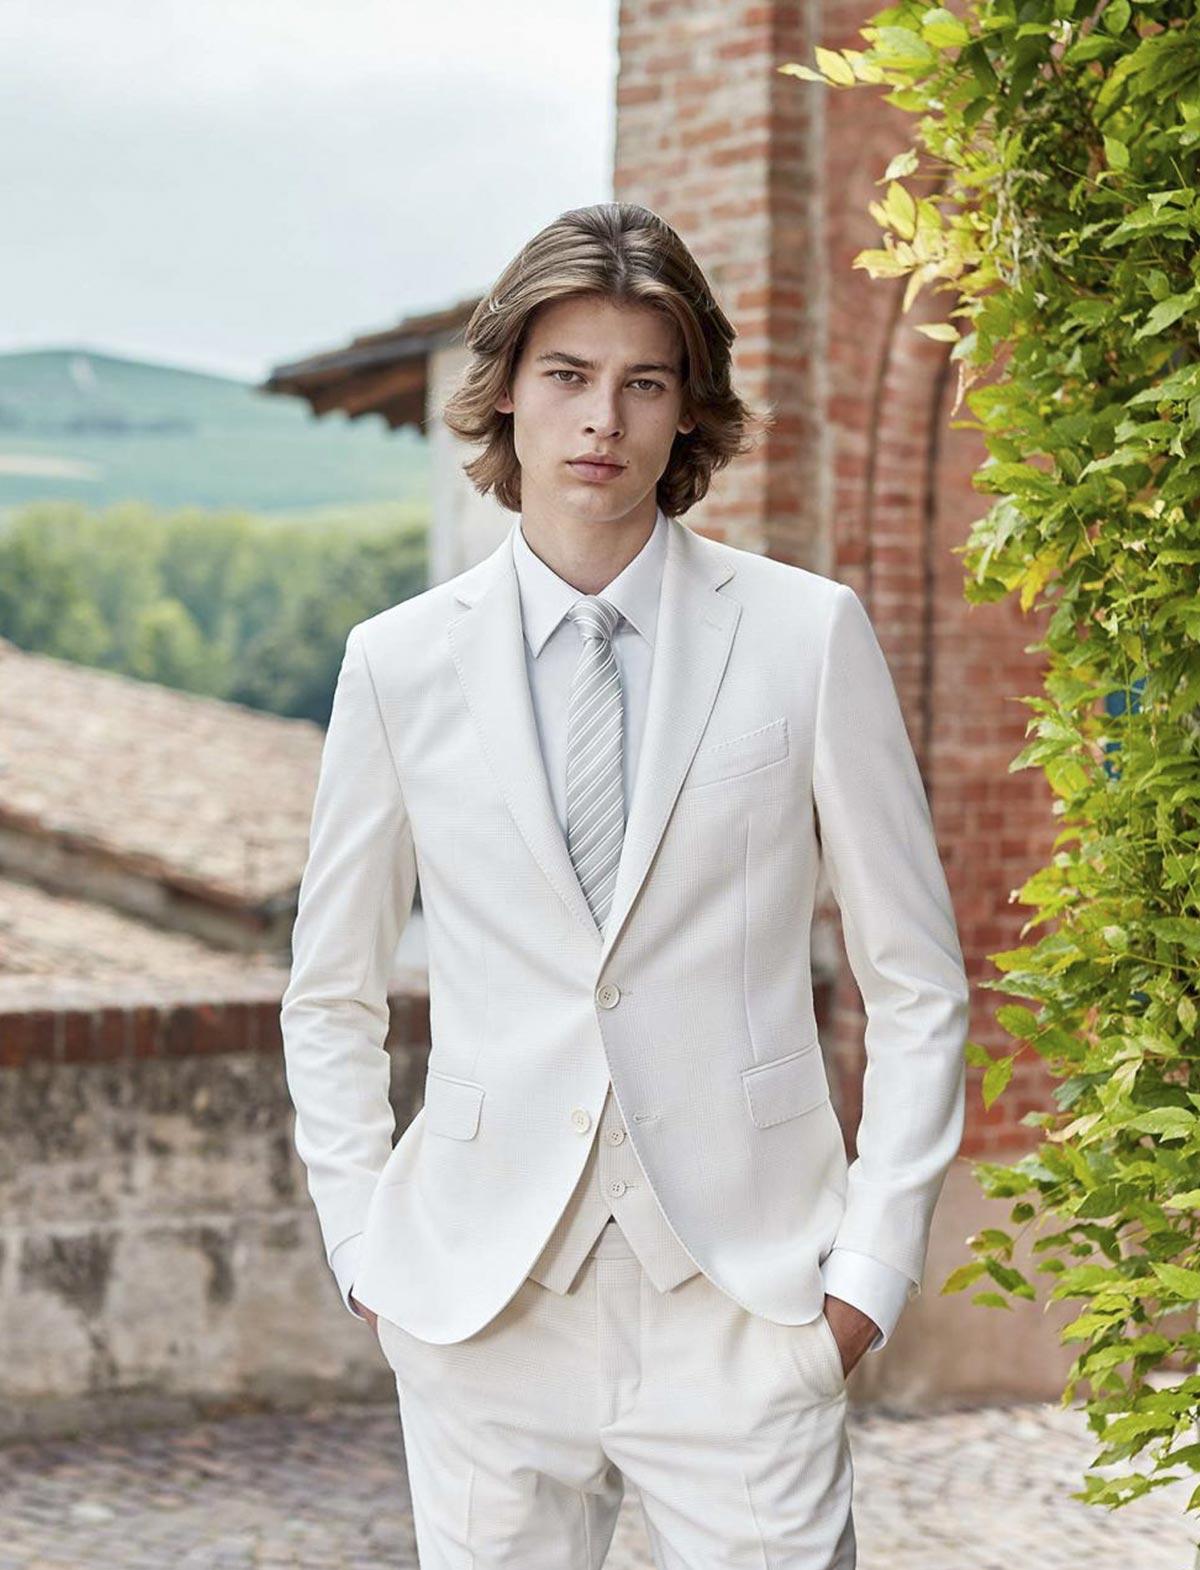 carlo-pignatelli-cerimonia-2021-cravatta-righe